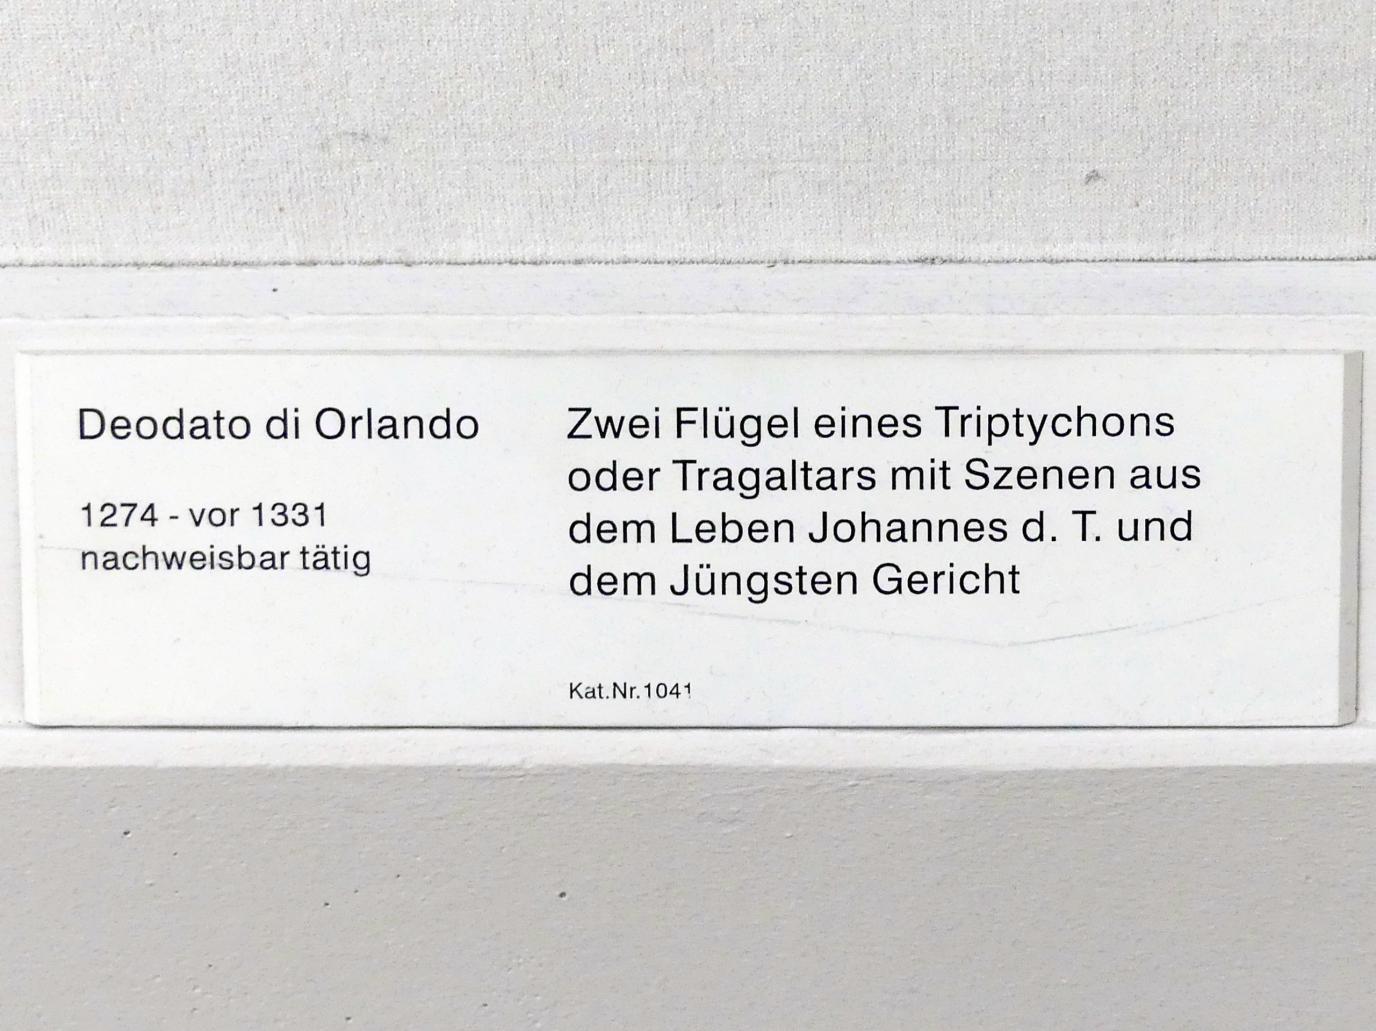 Deodato di Orlando: Zwei Flügel eines Triptychons oder Tragaltars mit Szenen aus dem Leben Johannes d.T. und dem Jüngsten Gericht, Undatiert, Bild 2/2